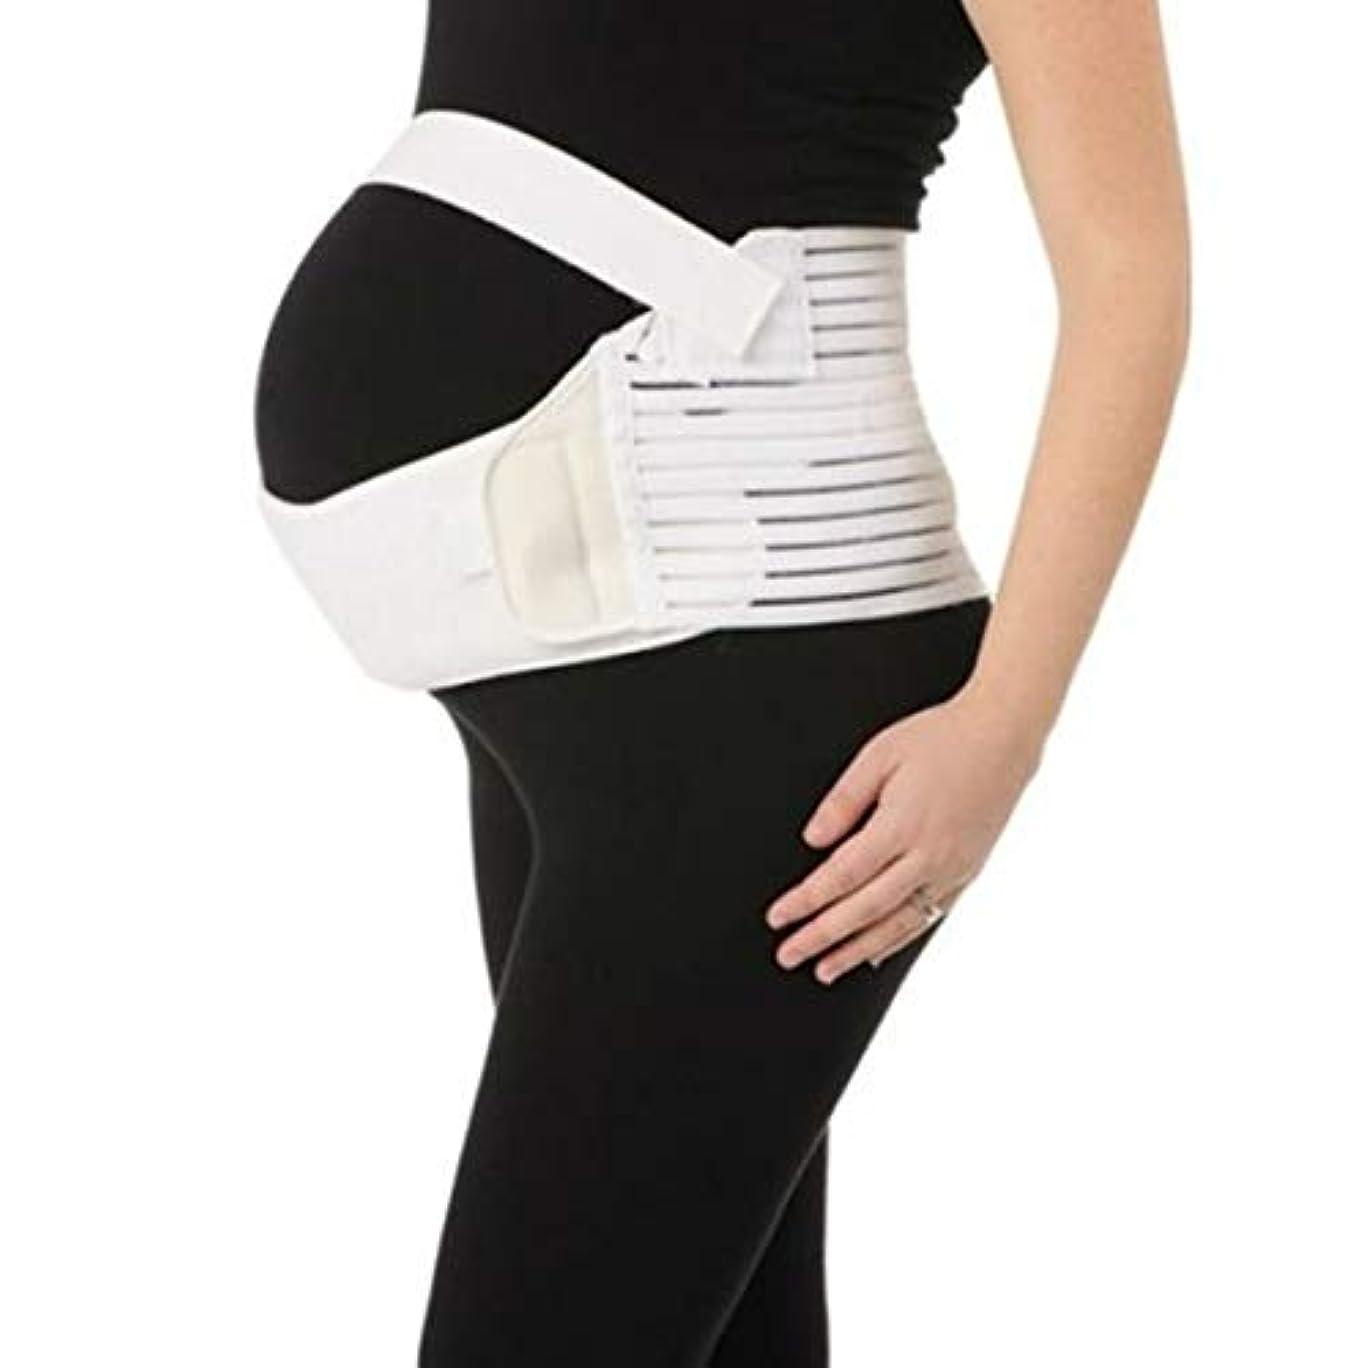 縁市長北方通気性産科ベルト妊娠腹部サポート腹部バインダーガードル運動包帯産後の回復形状ウェア - ホワイトM